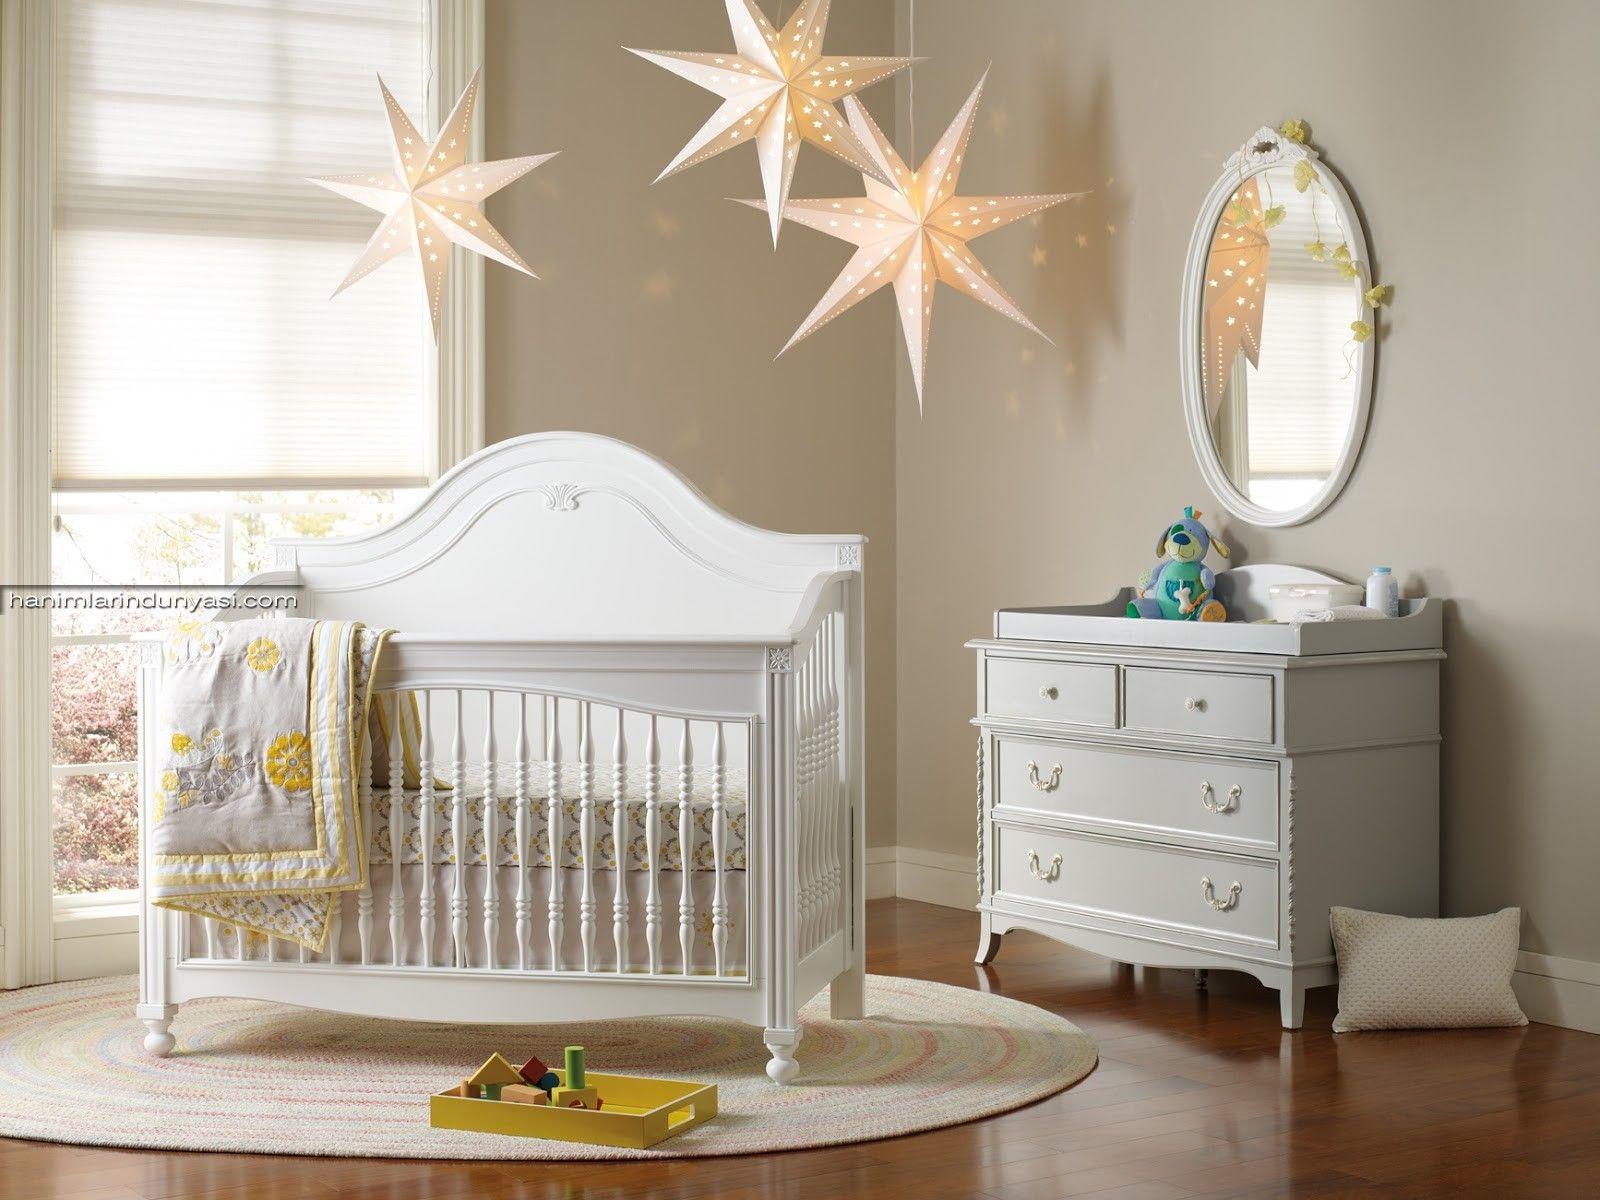 bebek odası dekorasyonu - http://www.herdekorasyon/bebek-odasi